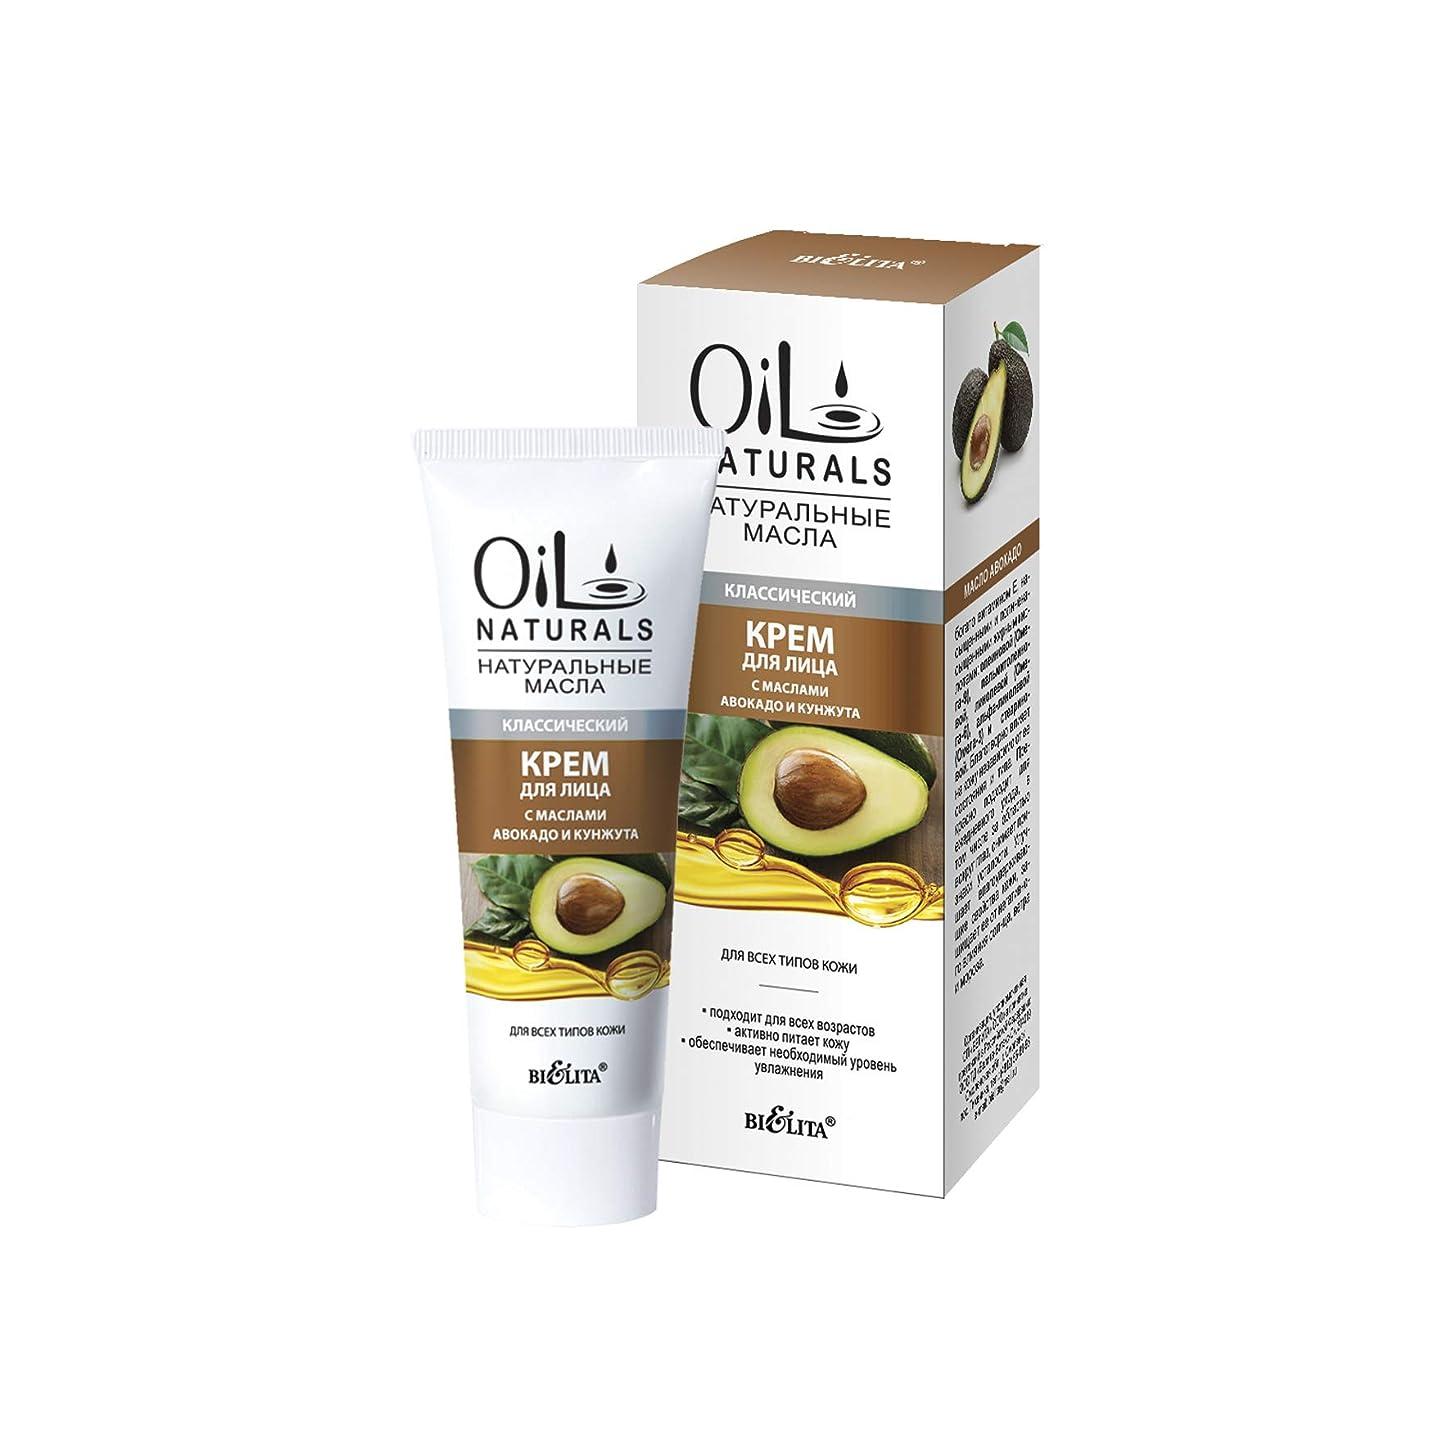 貞床租界Bielita & Vitex |Oil Naturals Line | Classic Moisturizing Face Cream, for All Skin Types, 50 ml | Avocado Oil, Silk Proteins, Sesame Oil, Vitamins